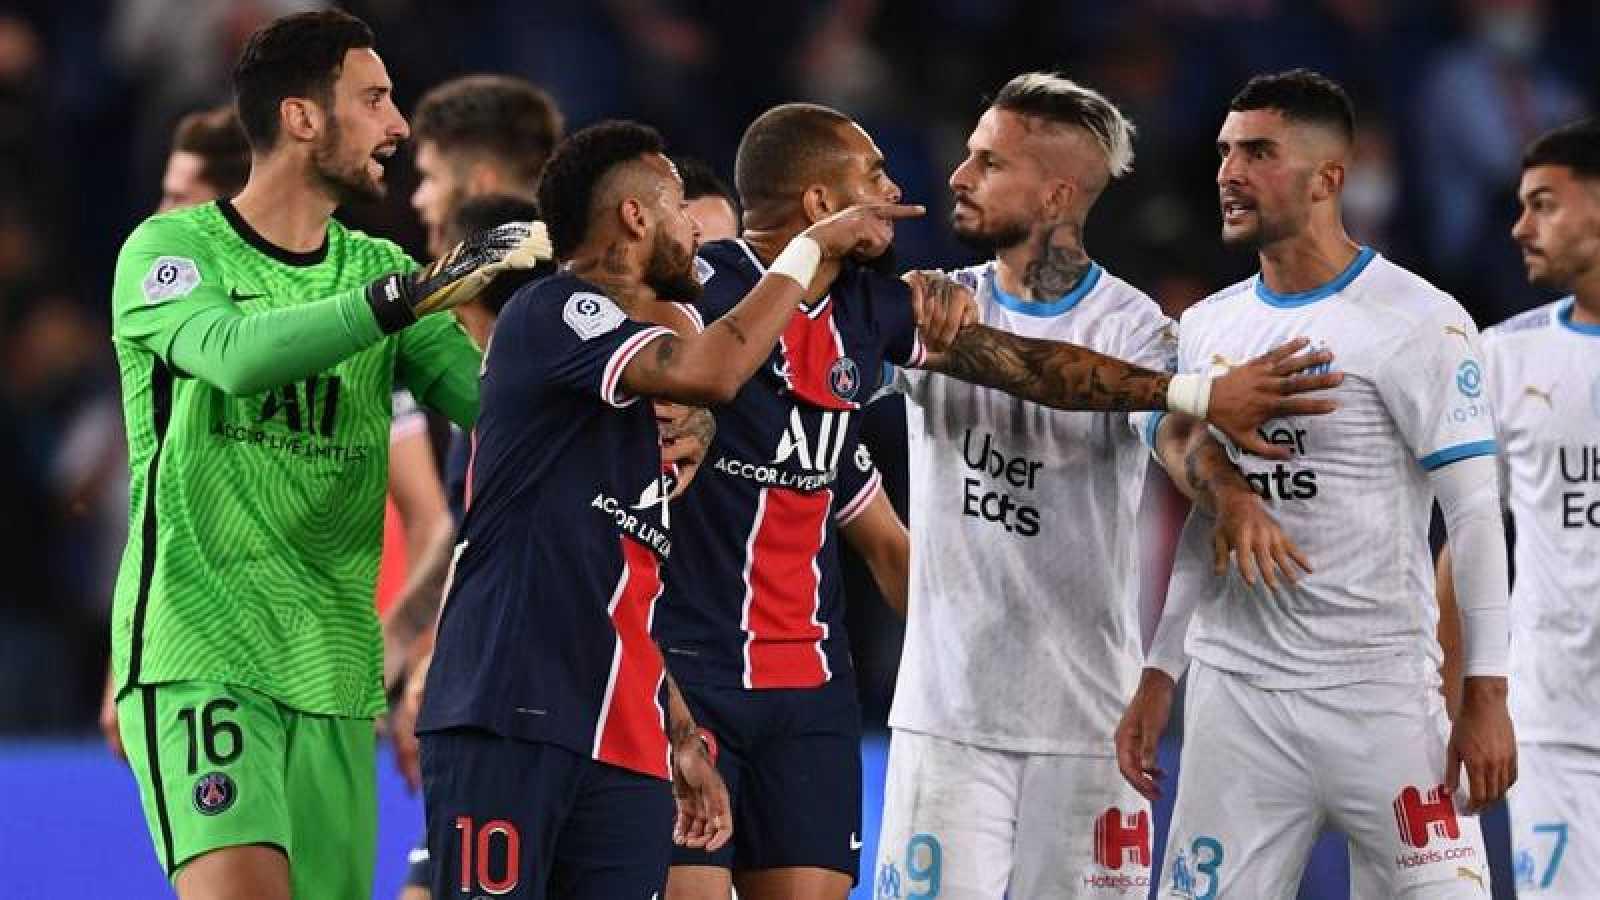 Imagen de la trifulca del encuentro entre PSG y  Olympique de Marsella.